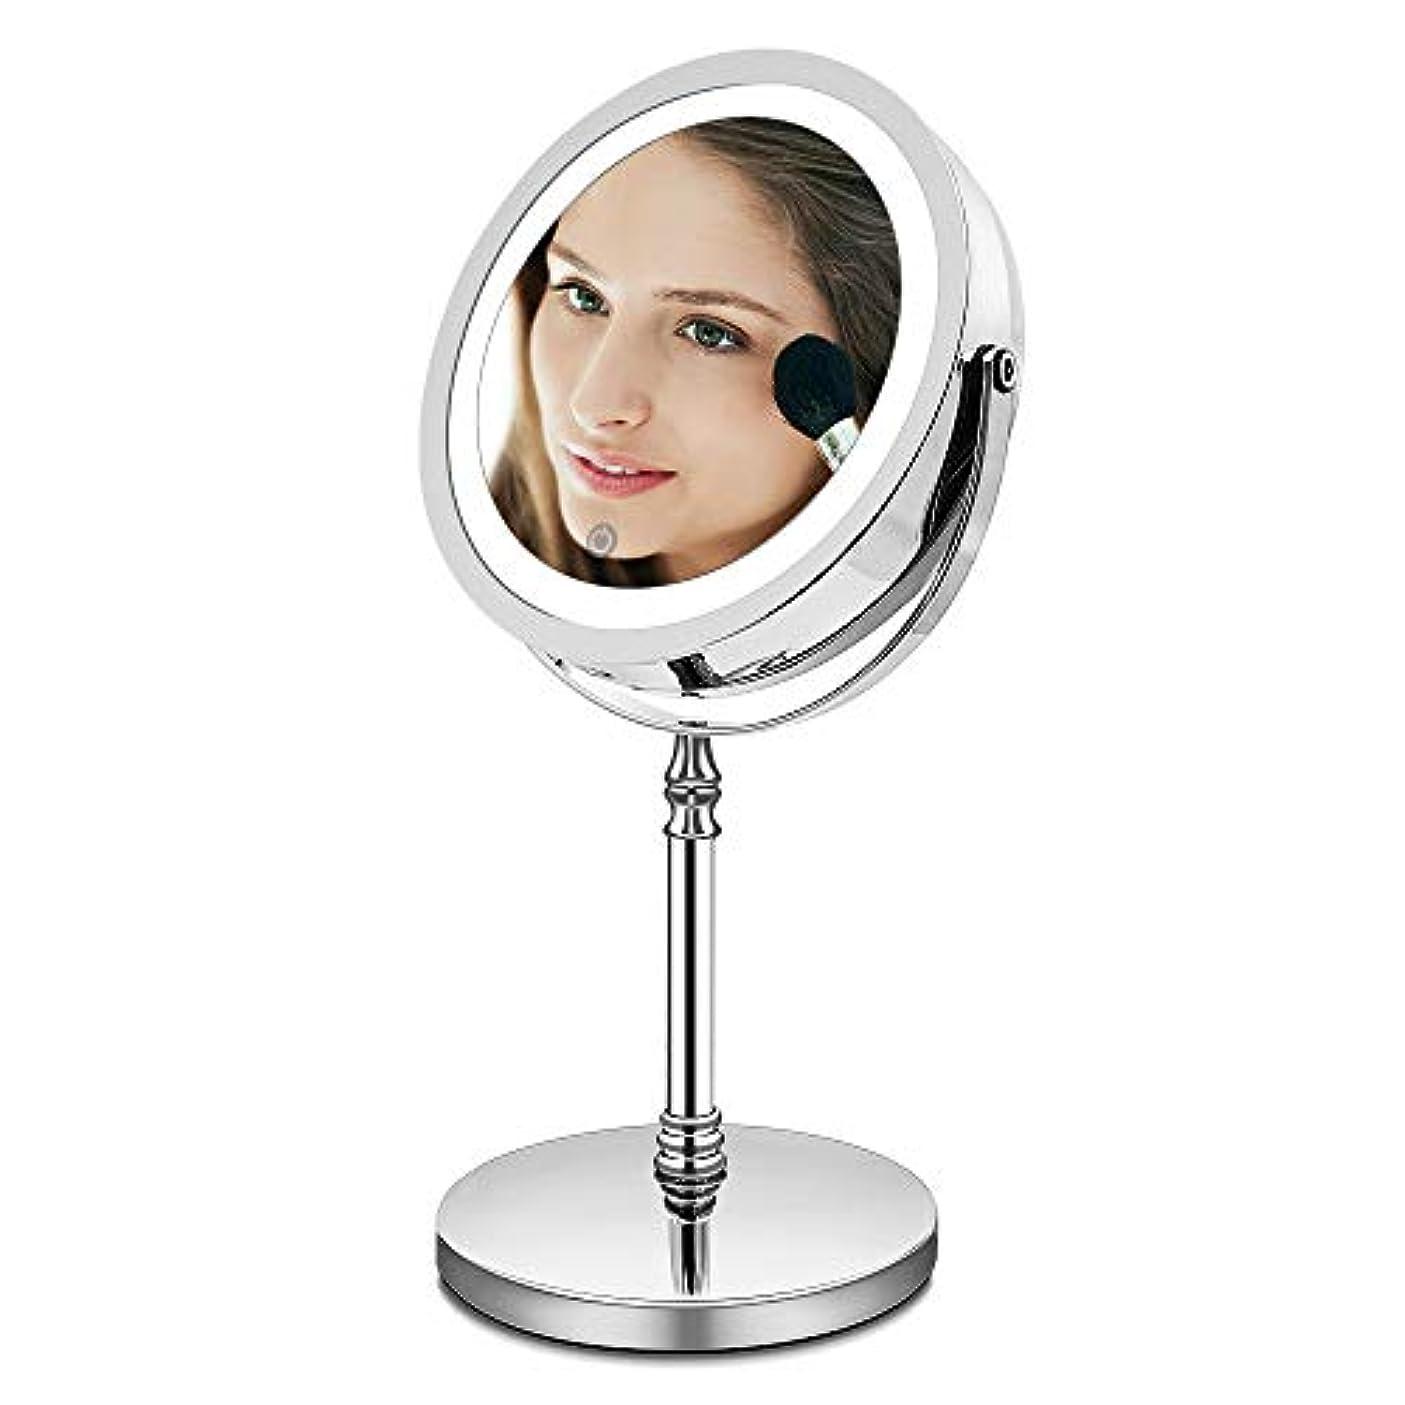 熟読する魅了するなめらかAMZTOLIFE 10倍拡大鏡+等倍鏡 化粧鏡 ライト付き 卓上鏡 ミラー 鏡 化粧ミラー メイクアップミラー スタンドミラー 360度回転 明るさ調節 日本語取扱説明書付き (タイチー)